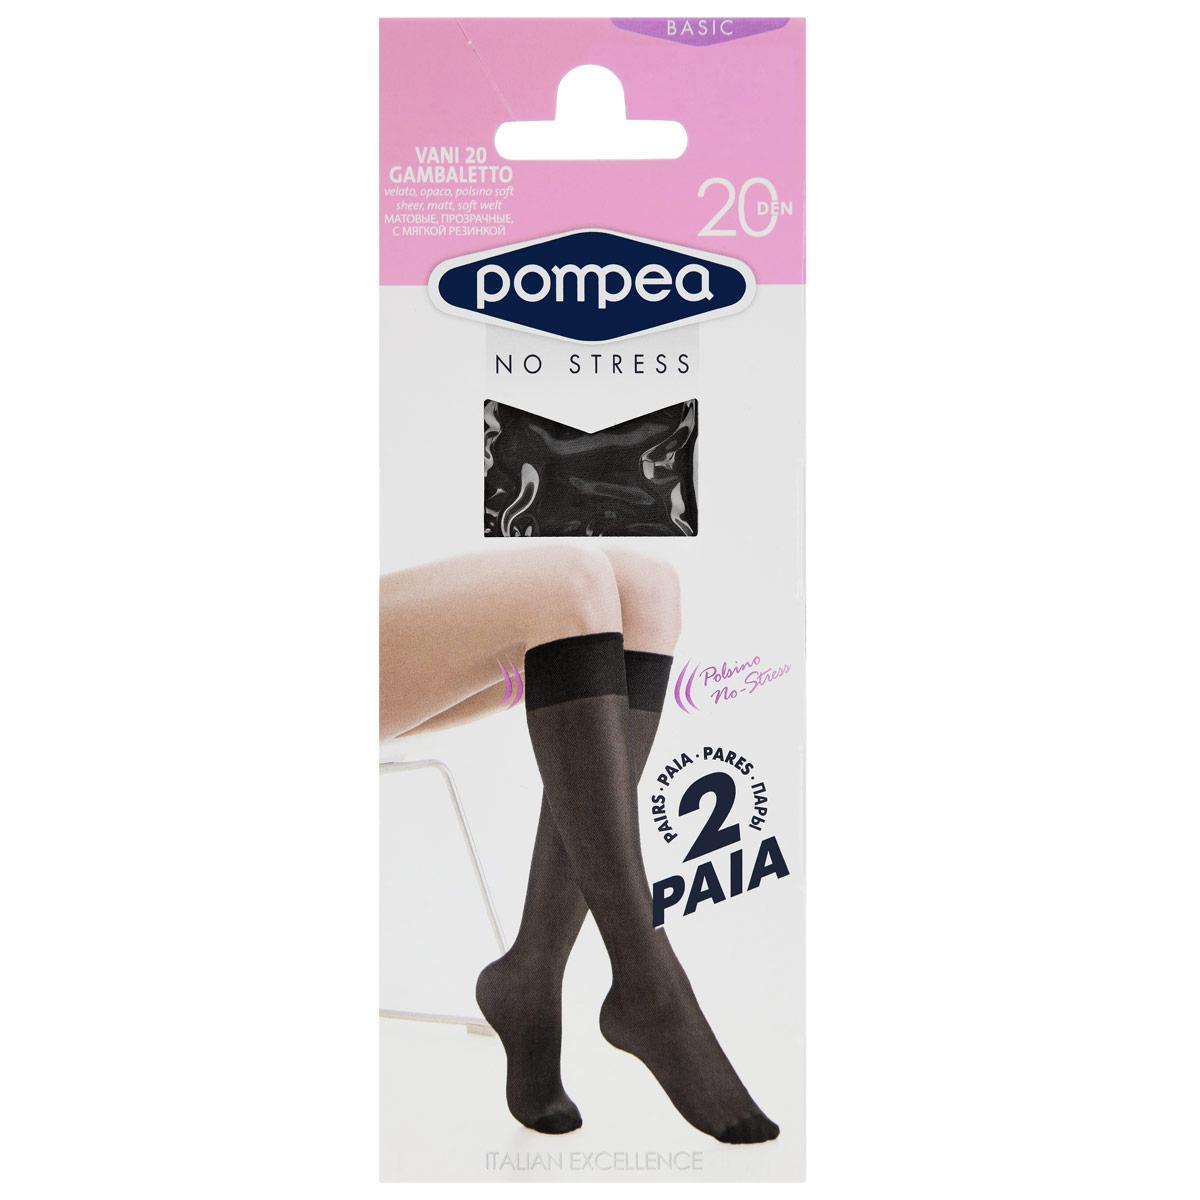 Гольфы женские Pompea Vani Gambaletto 20, цвет: Nero (черный), 2 пары. Размер универсальный90720450 NeroМатовые прозрачные гольфы Pompea Vani Gambaletto плотностью 20 Ден, для повседневной носки, с мягкой резинкой, усиленный мысок.